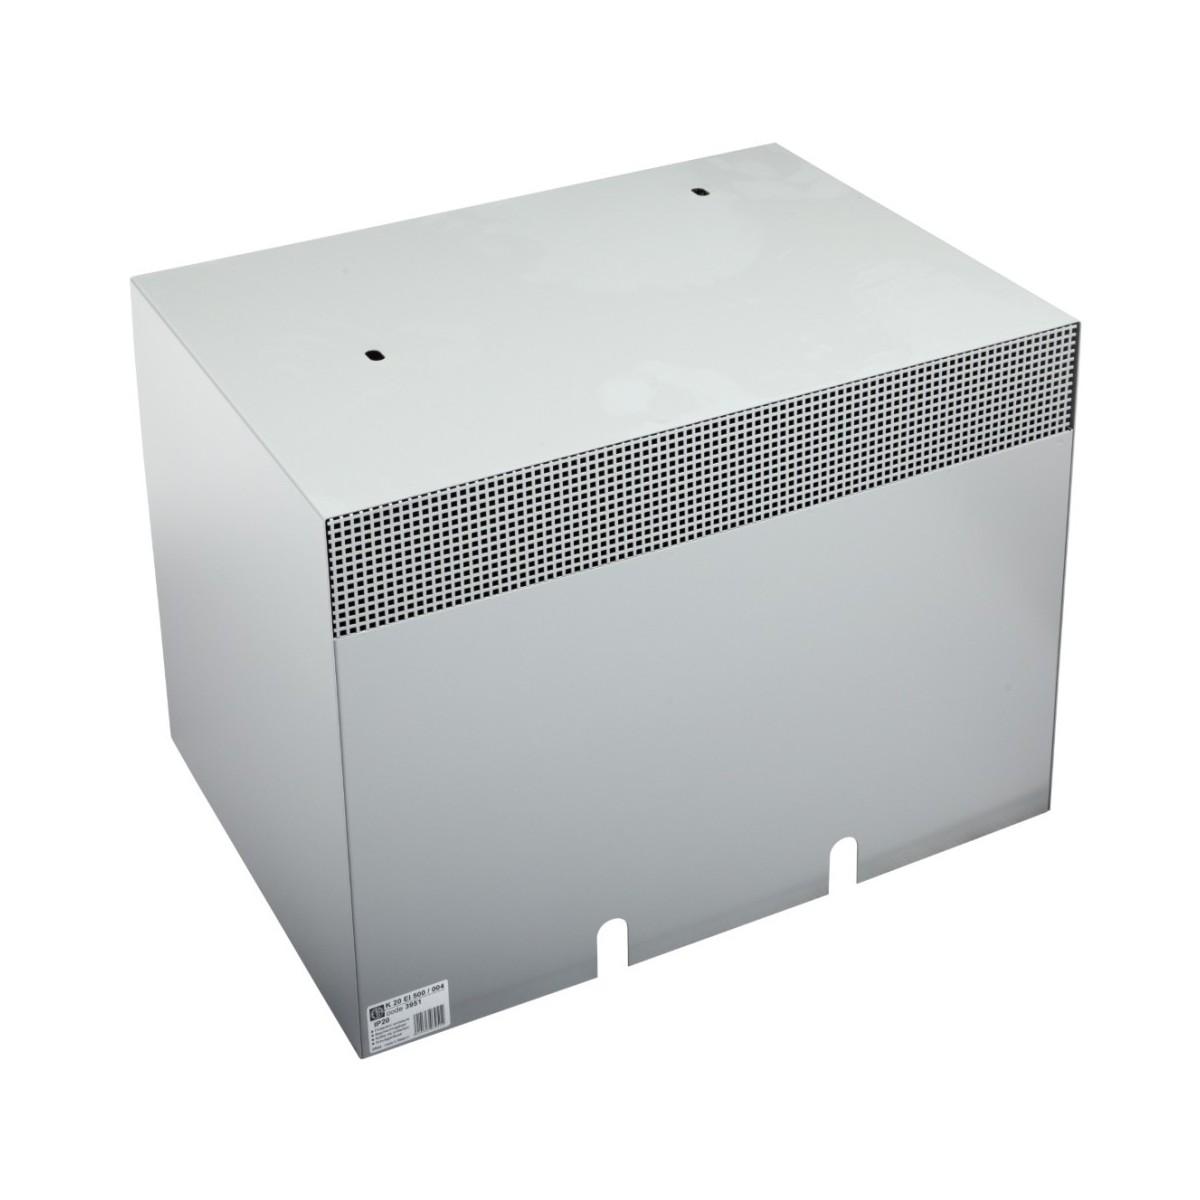 K20EI500/004